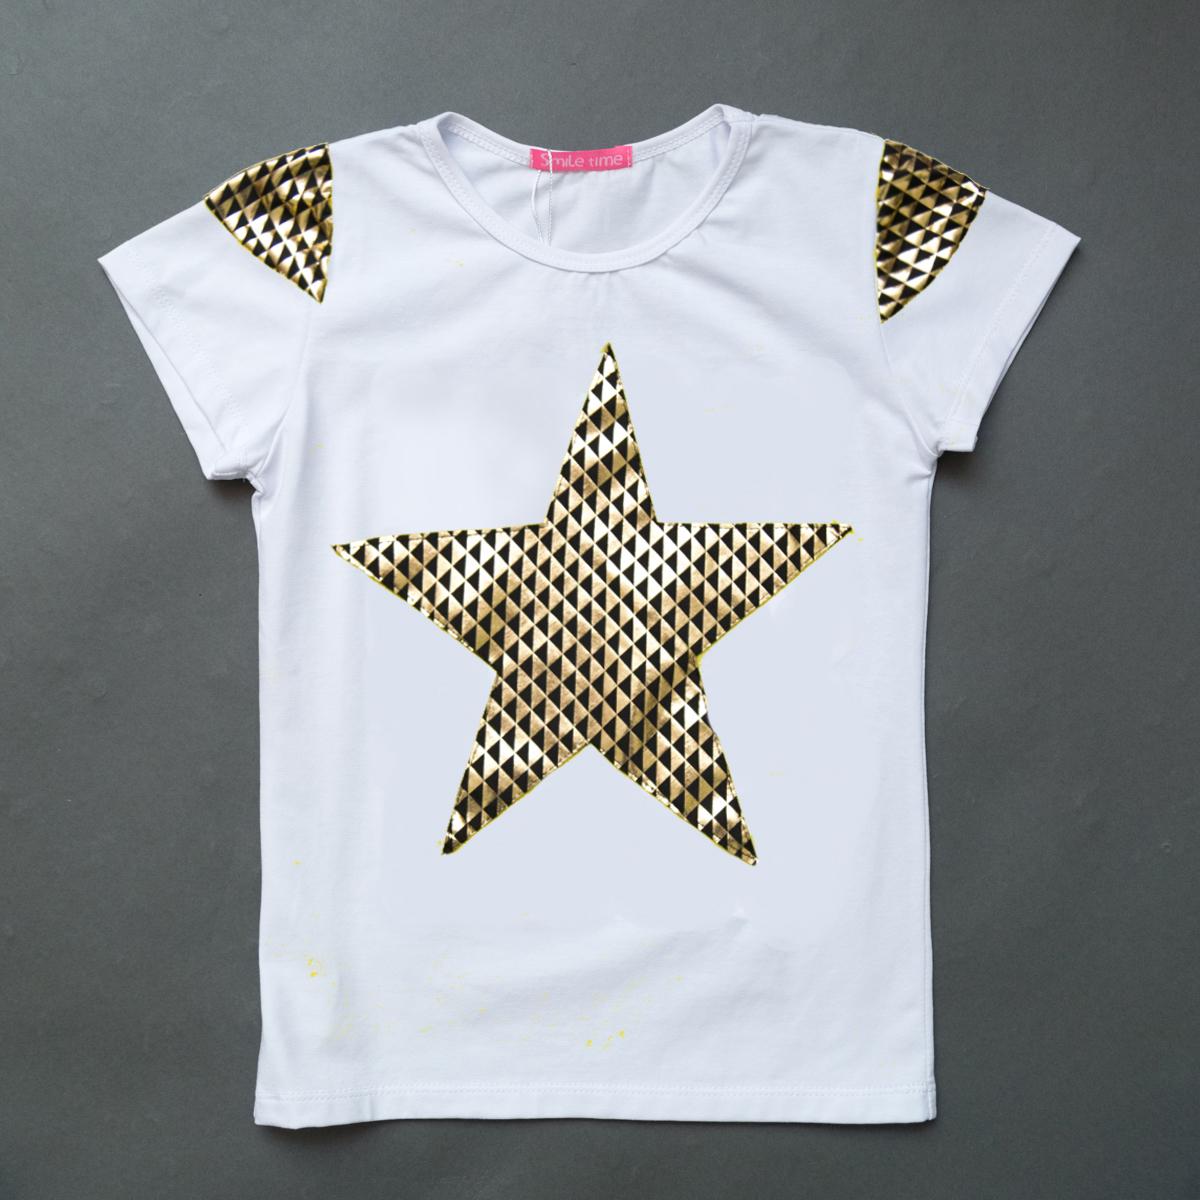 Футболка для дівчинки, Shining star, біла, SmileTime